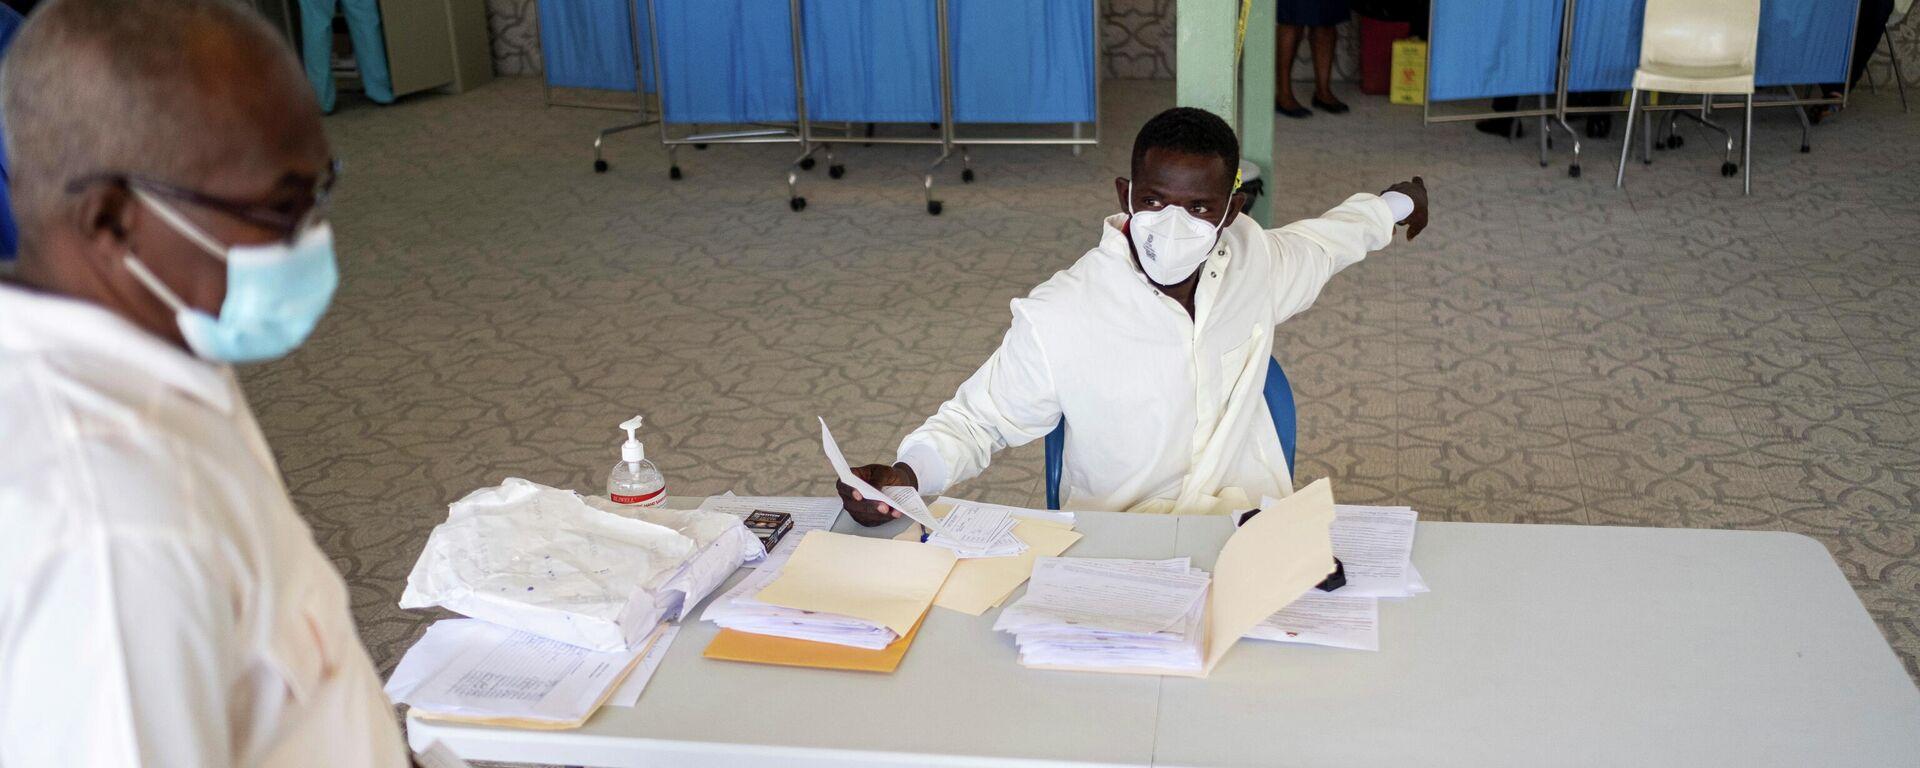 Vacunación contra COVID-19 en Puerto Príncipe, Haití - Sputnik Mundo, 1920, 23.07.2021